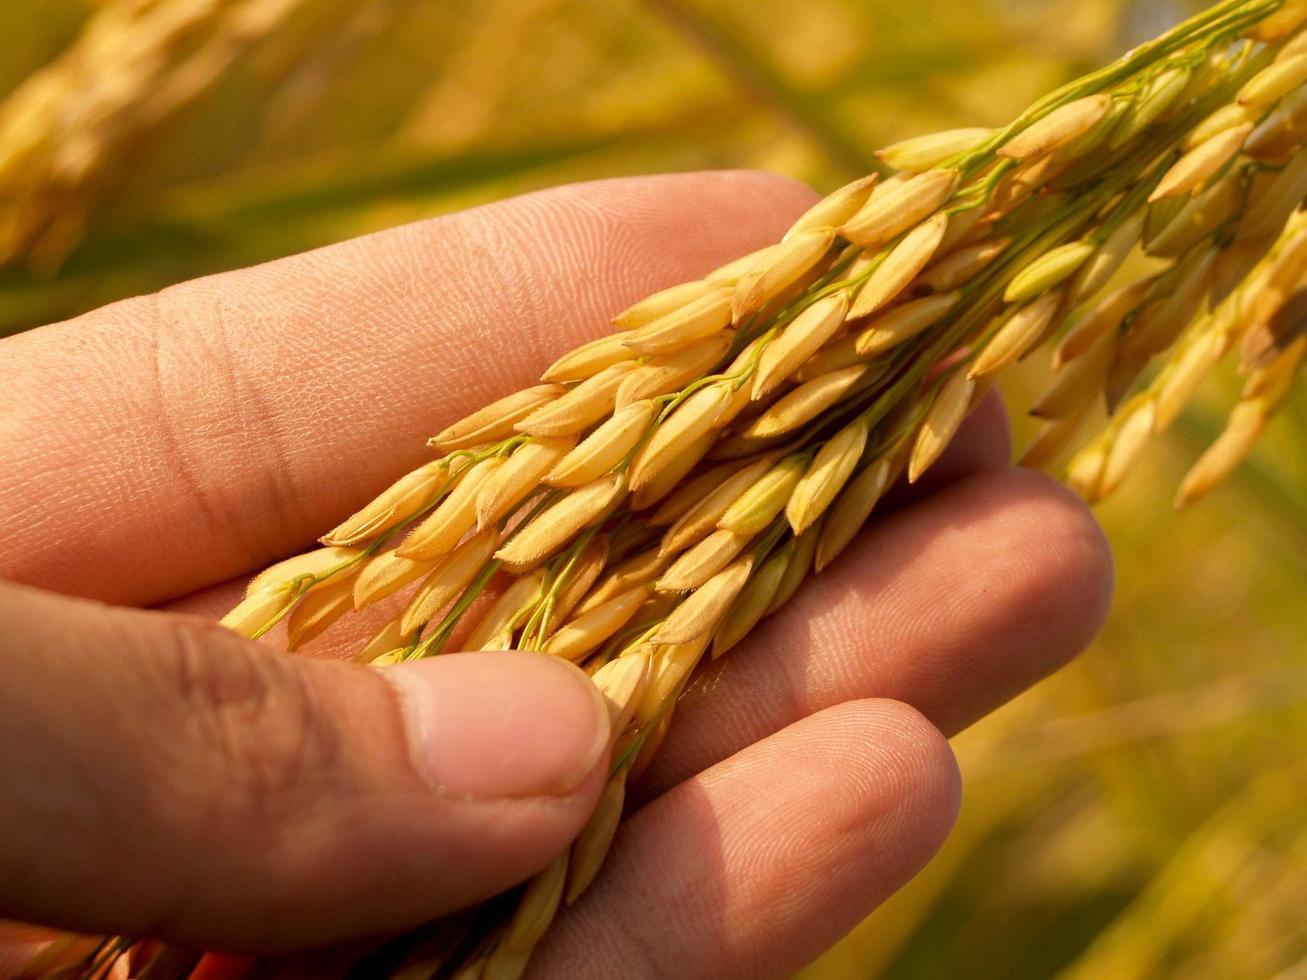 hand met volwassen gouden rijst foto